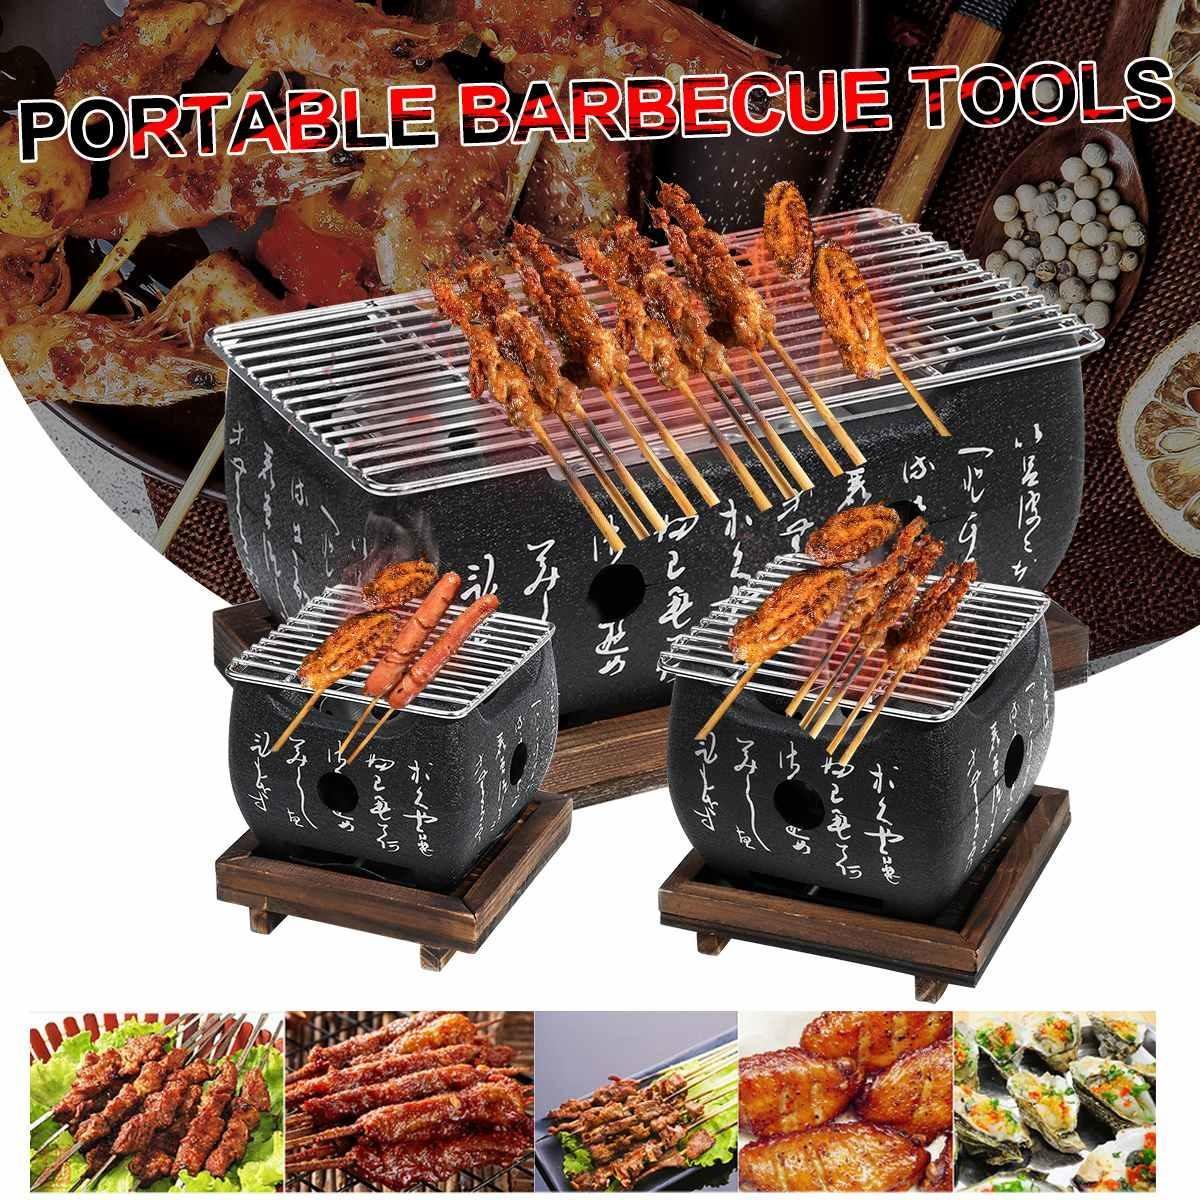 أدوات اليابانية الكورية BBQ الشواية فرن سبائك الألومنيوم شواية فحم المحمولة حزب الاكسسوارات المنزلية شوى S / M / L T200110